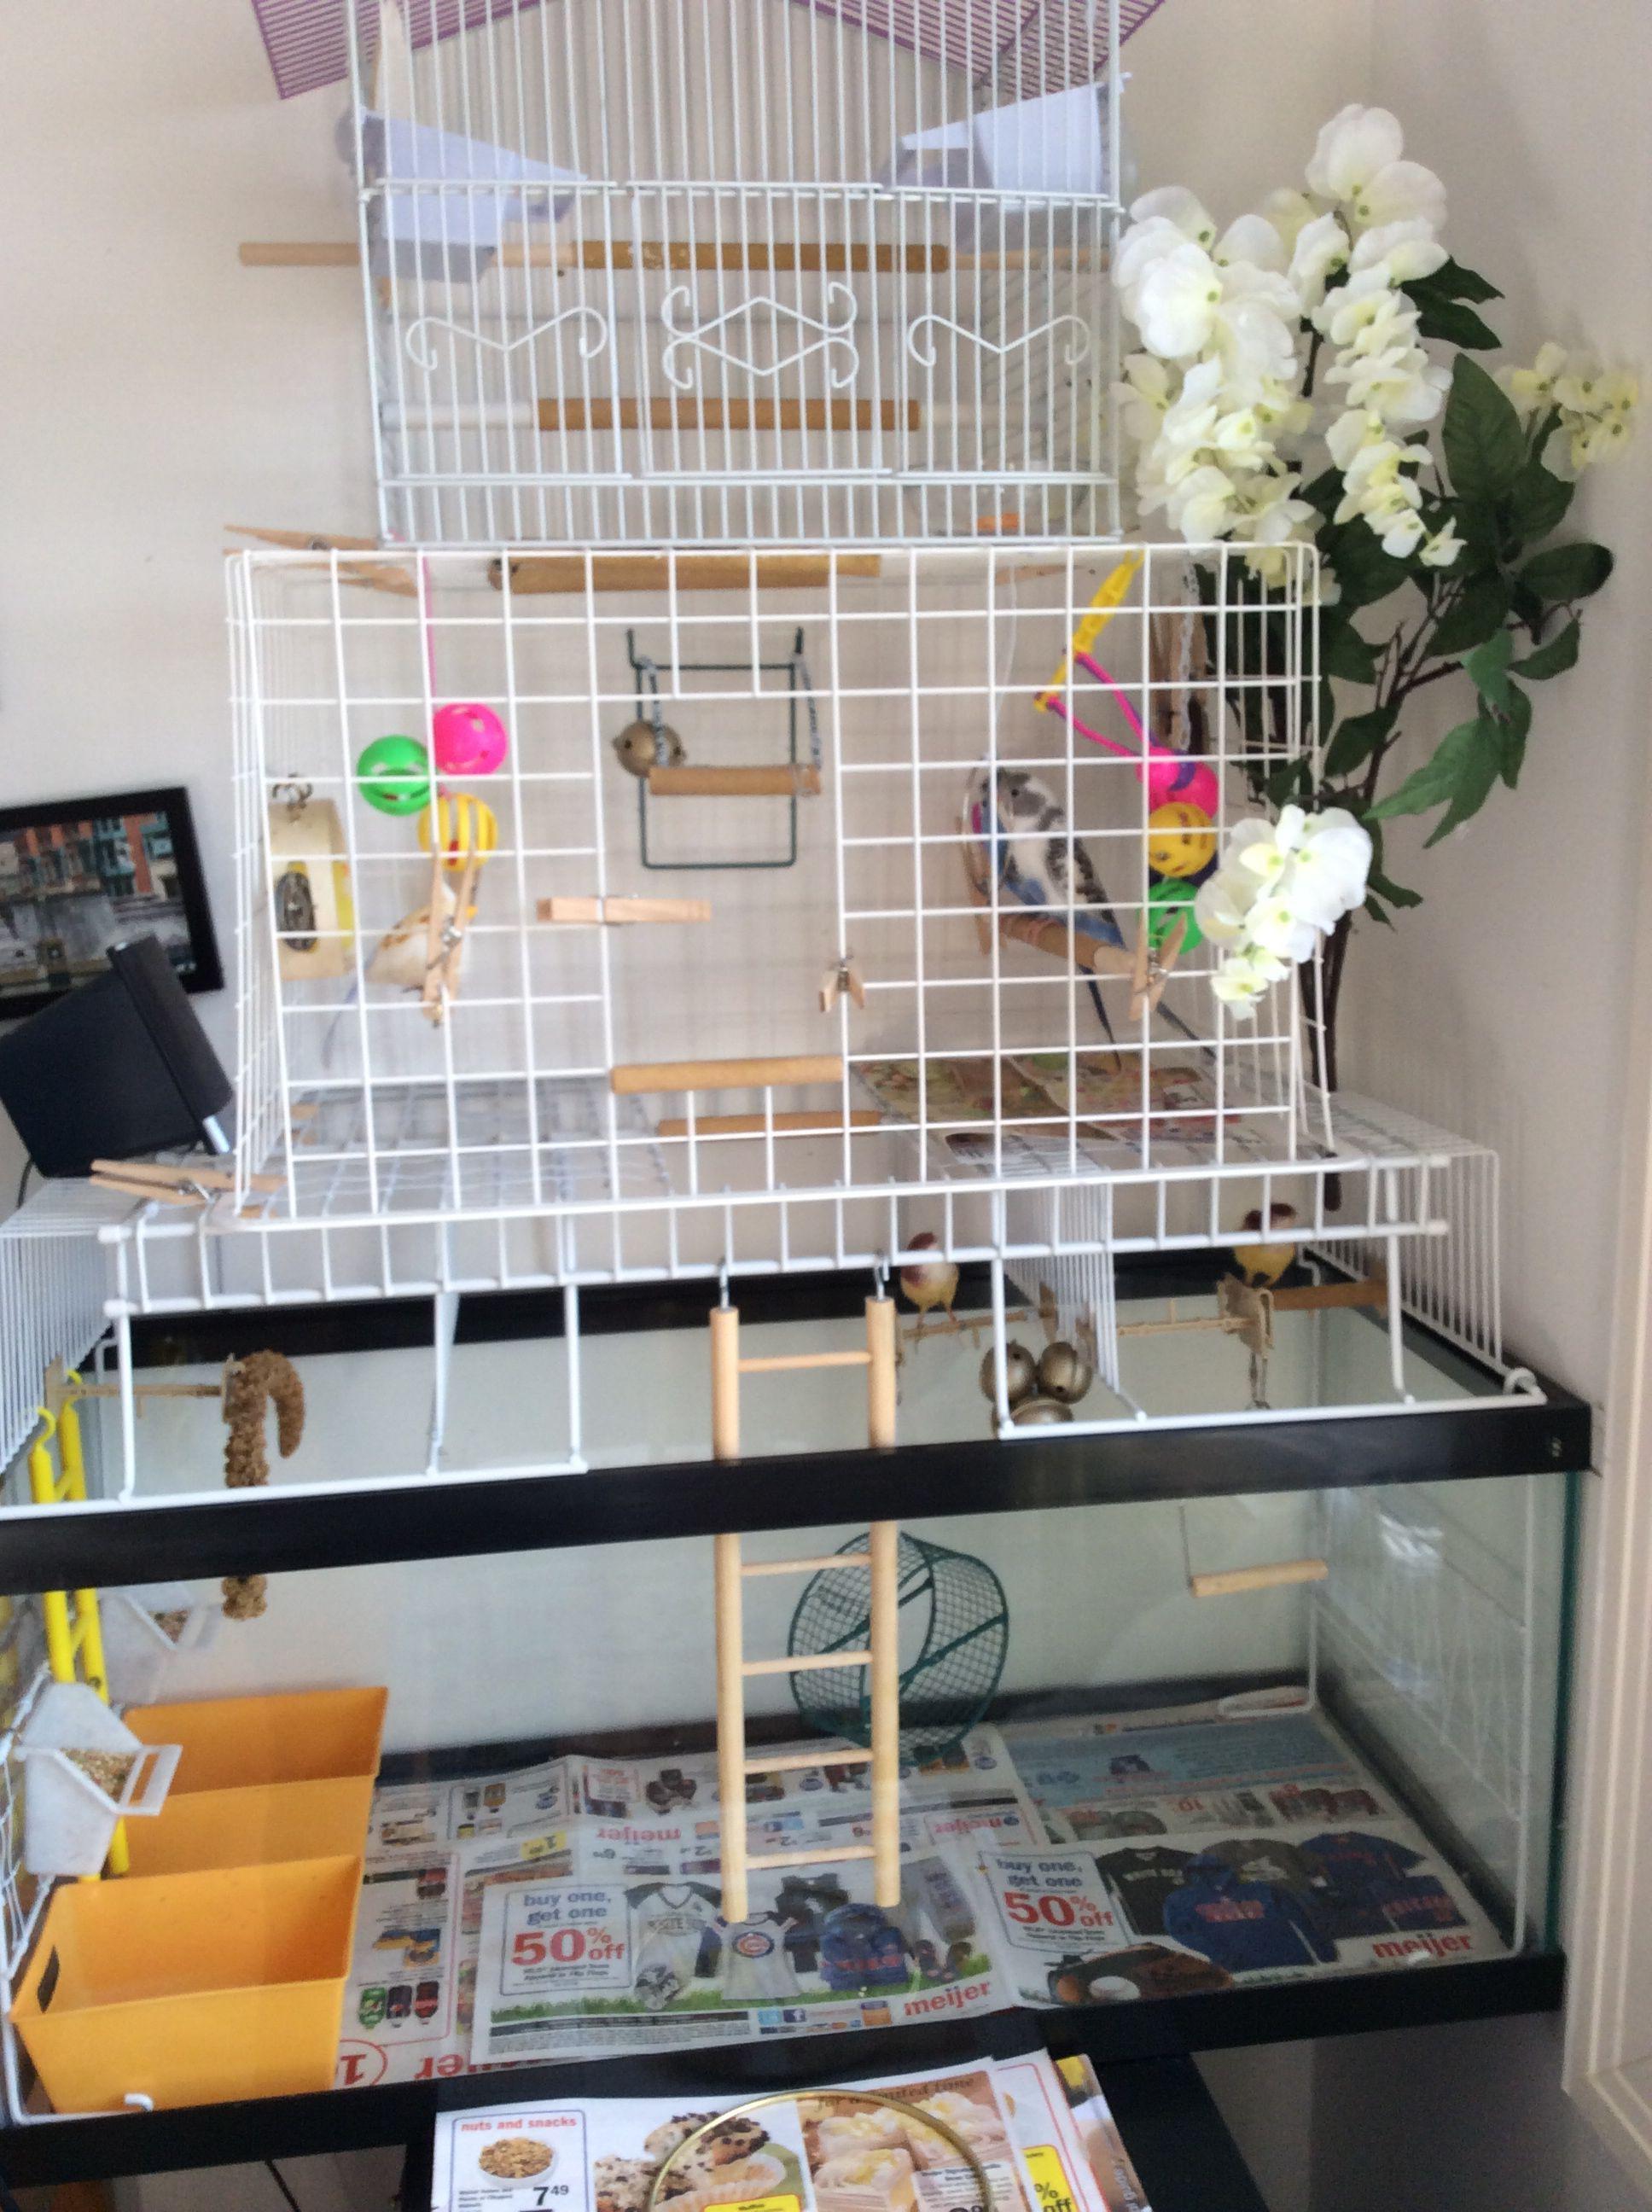 DIY parakeet mansion 20 gallon fish tank closet metal baskets and